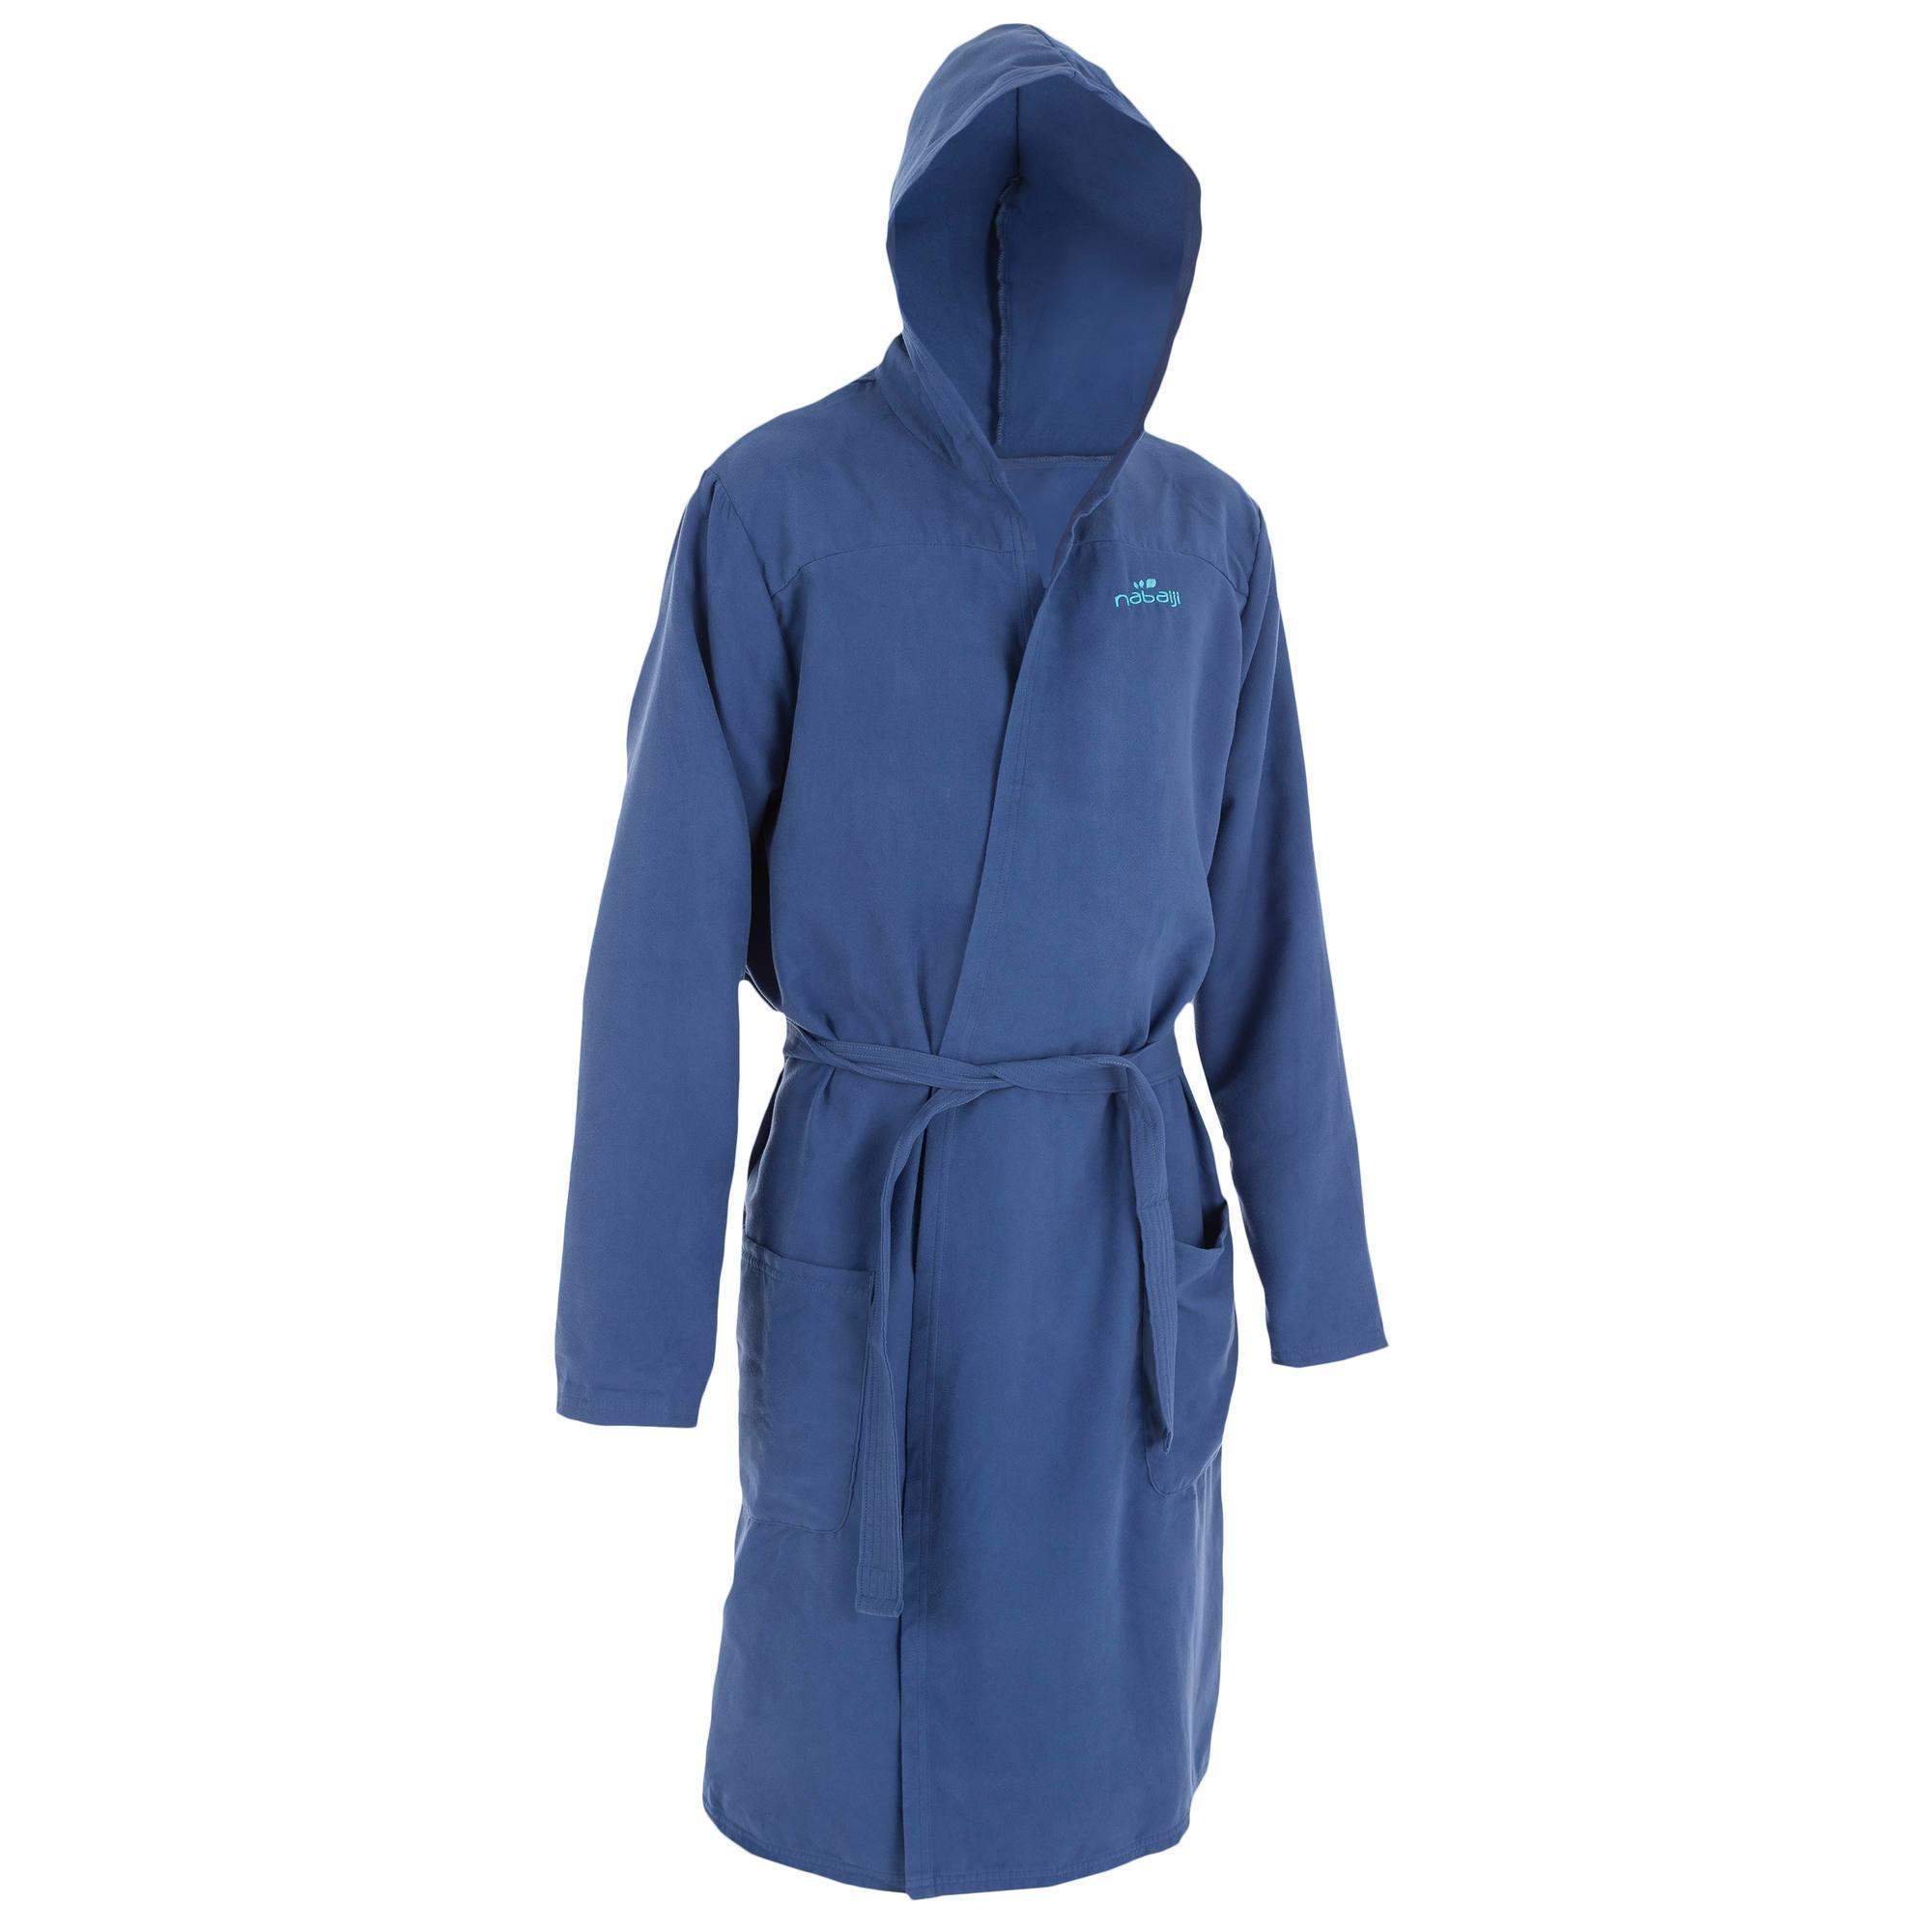 Peignoir microfibre natation homme bleu foncé avec capuche, poches et ceinture